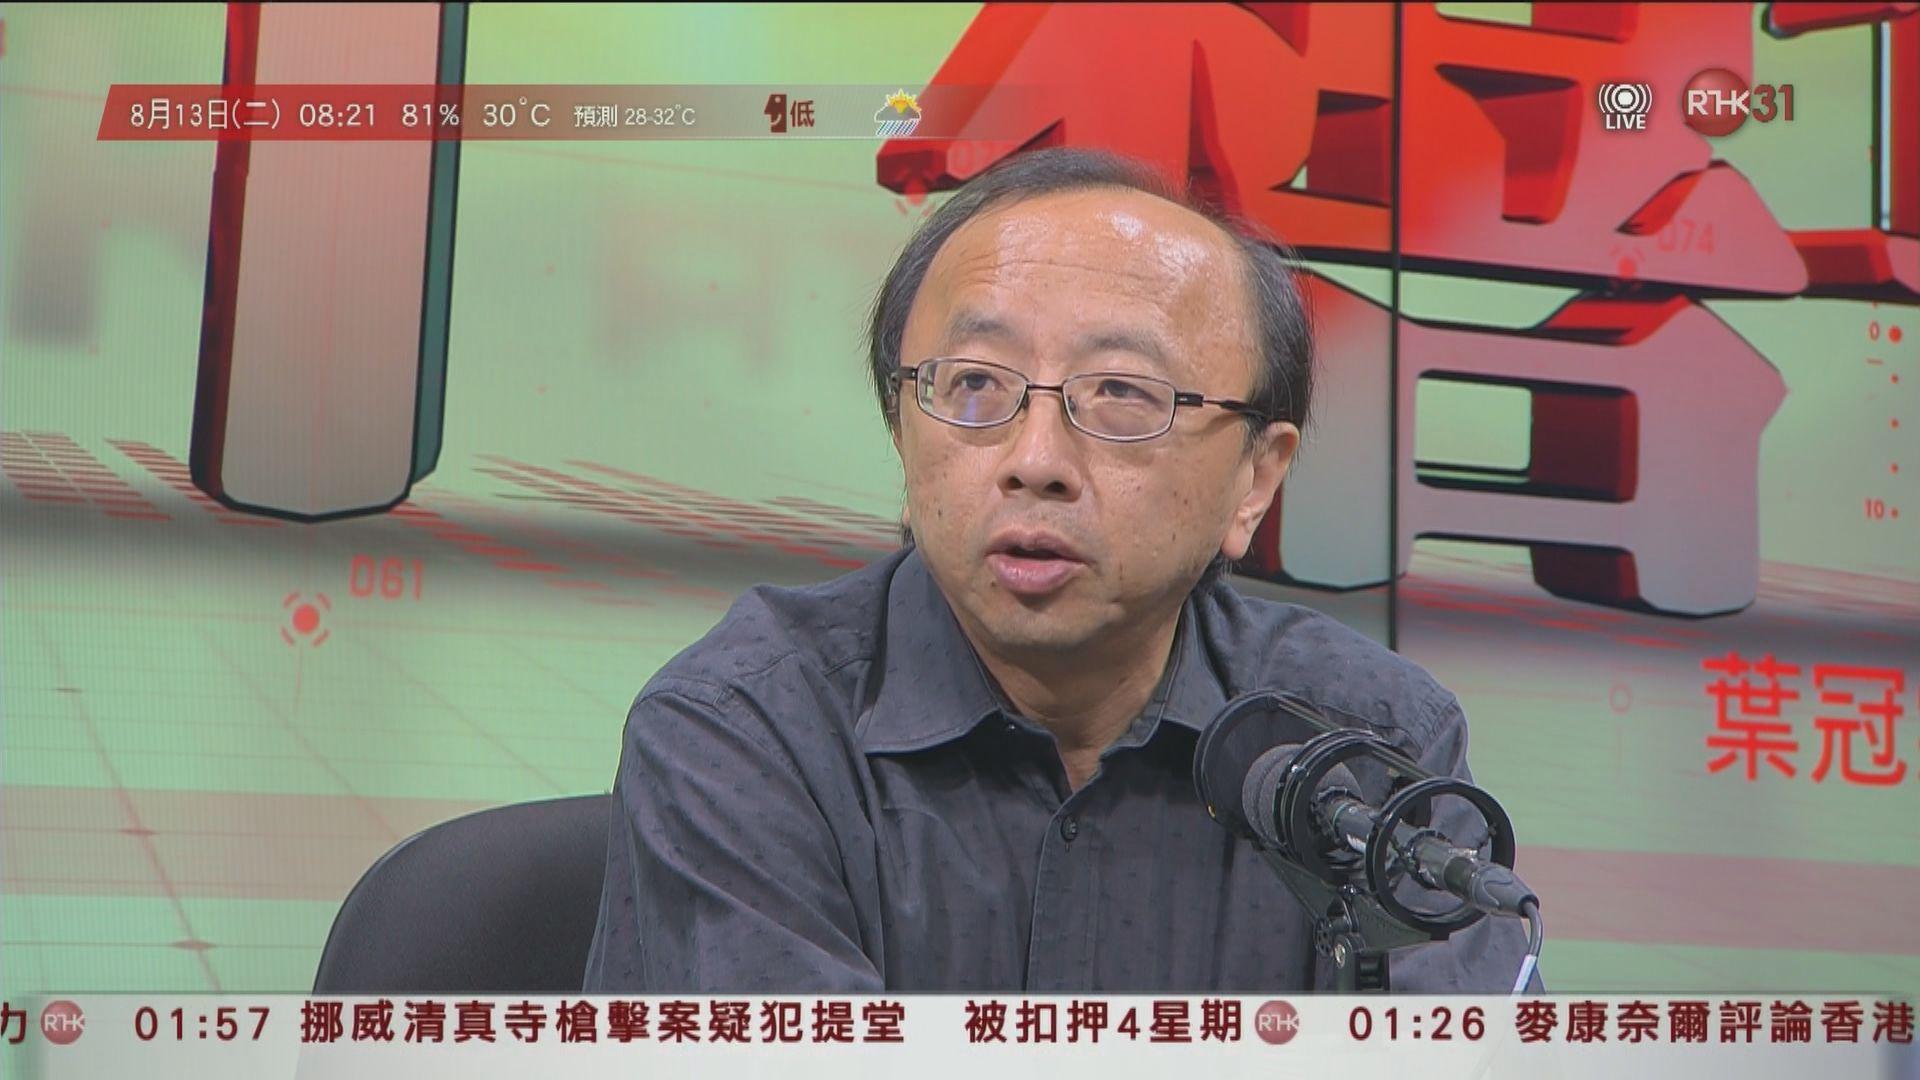 張達明:警察不按規矩做事嚴重破壞法治